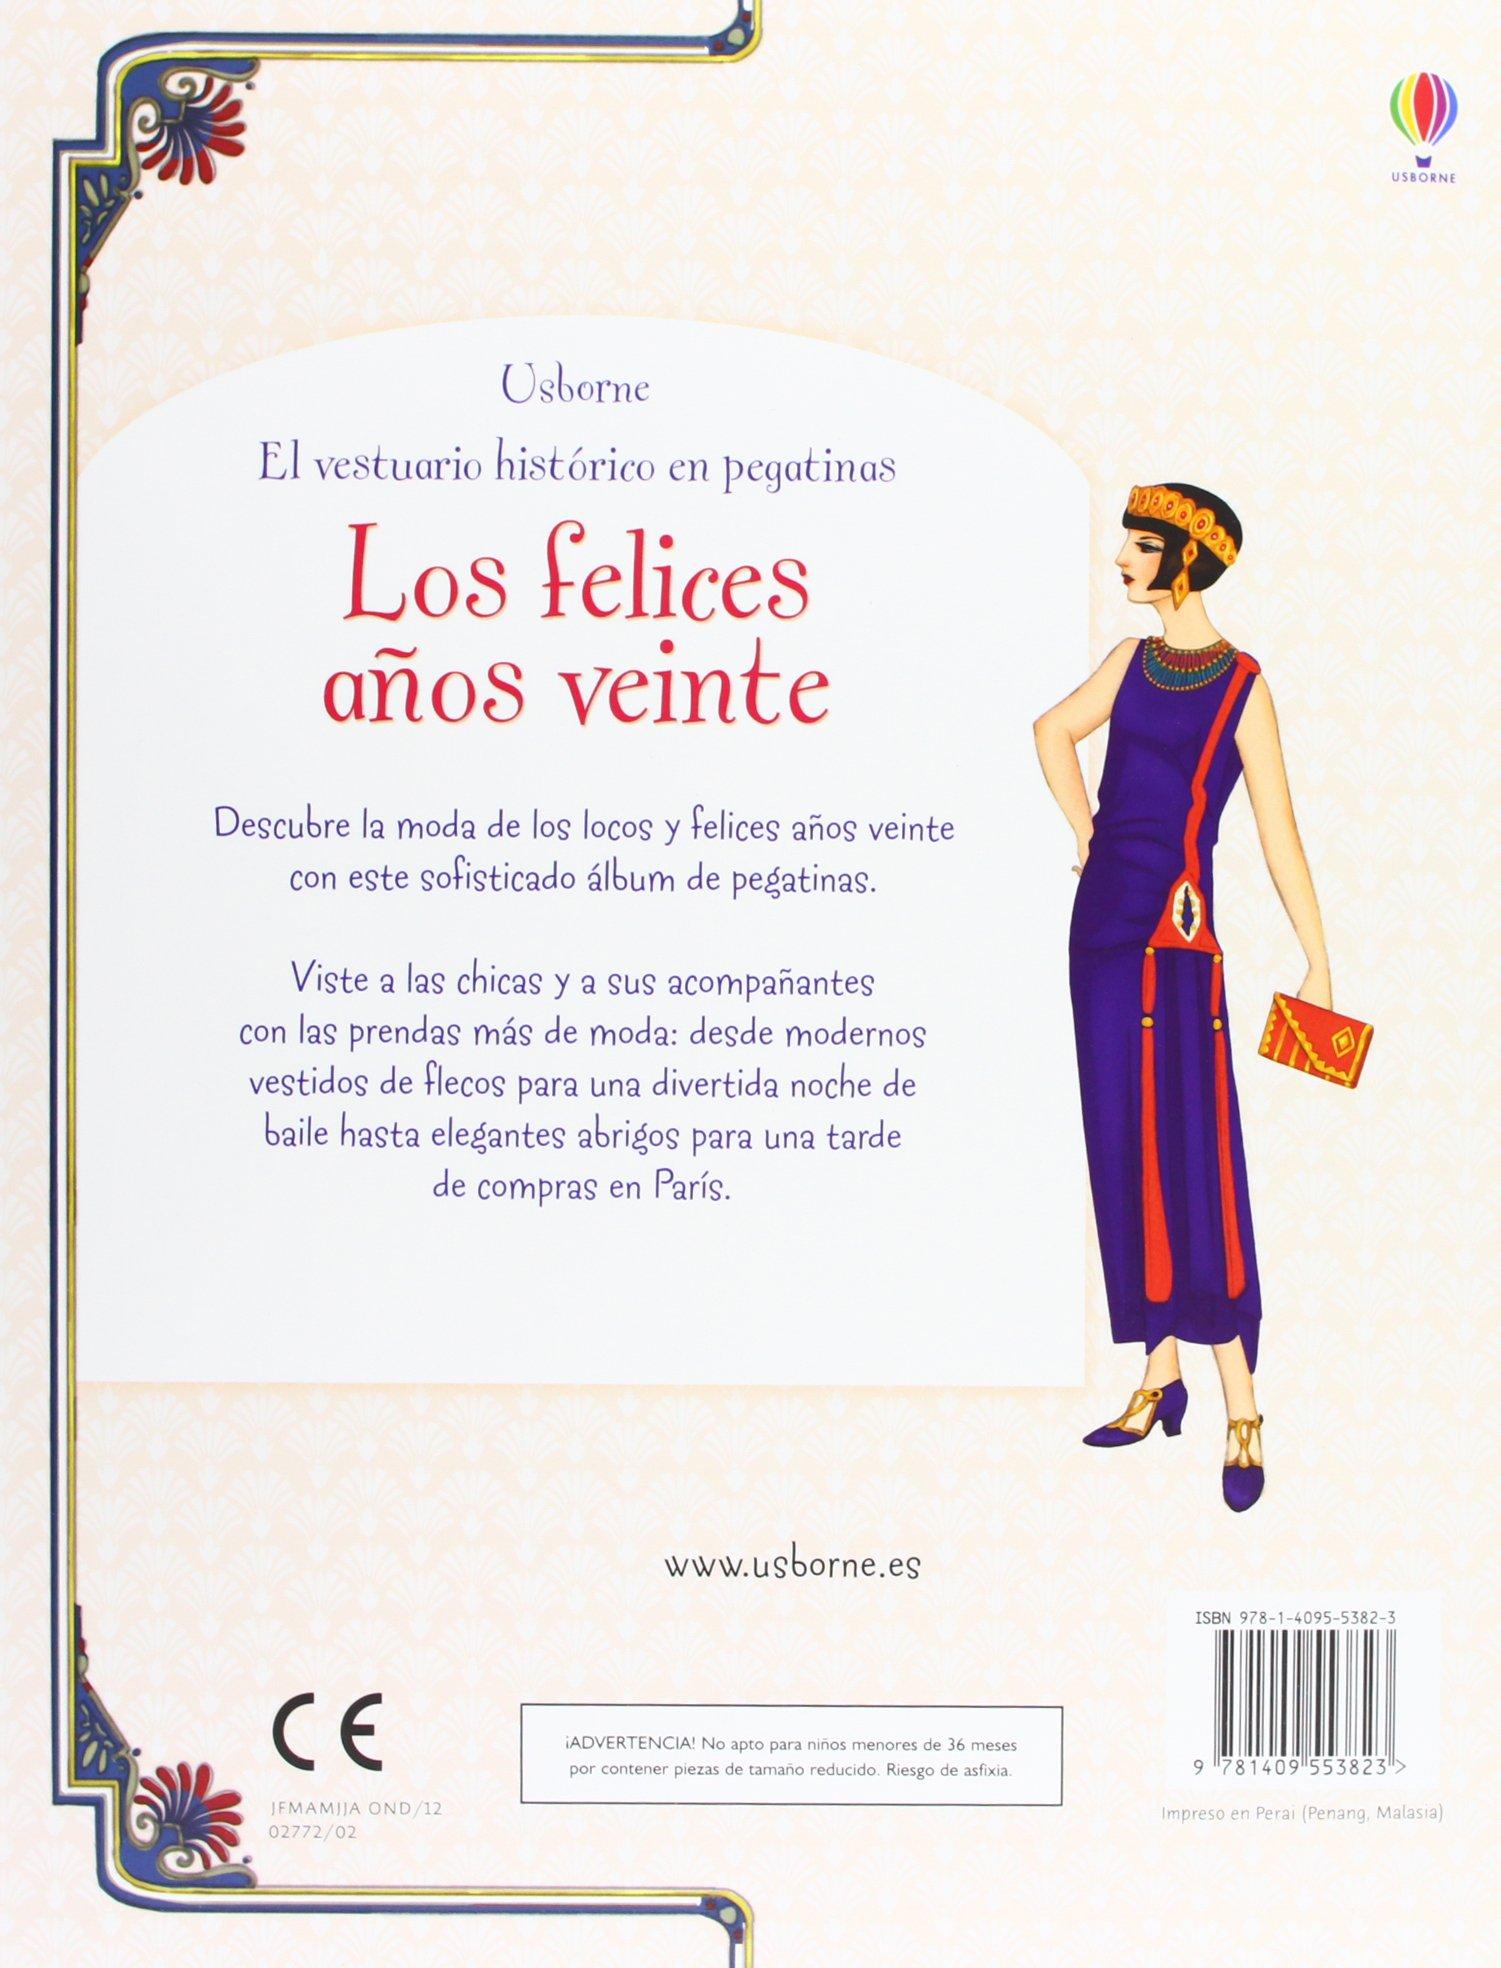 Los felices años veinte: Emily ; Bursi, Simona, (il.) Bone: 9781409553823: Amazon.com: Books